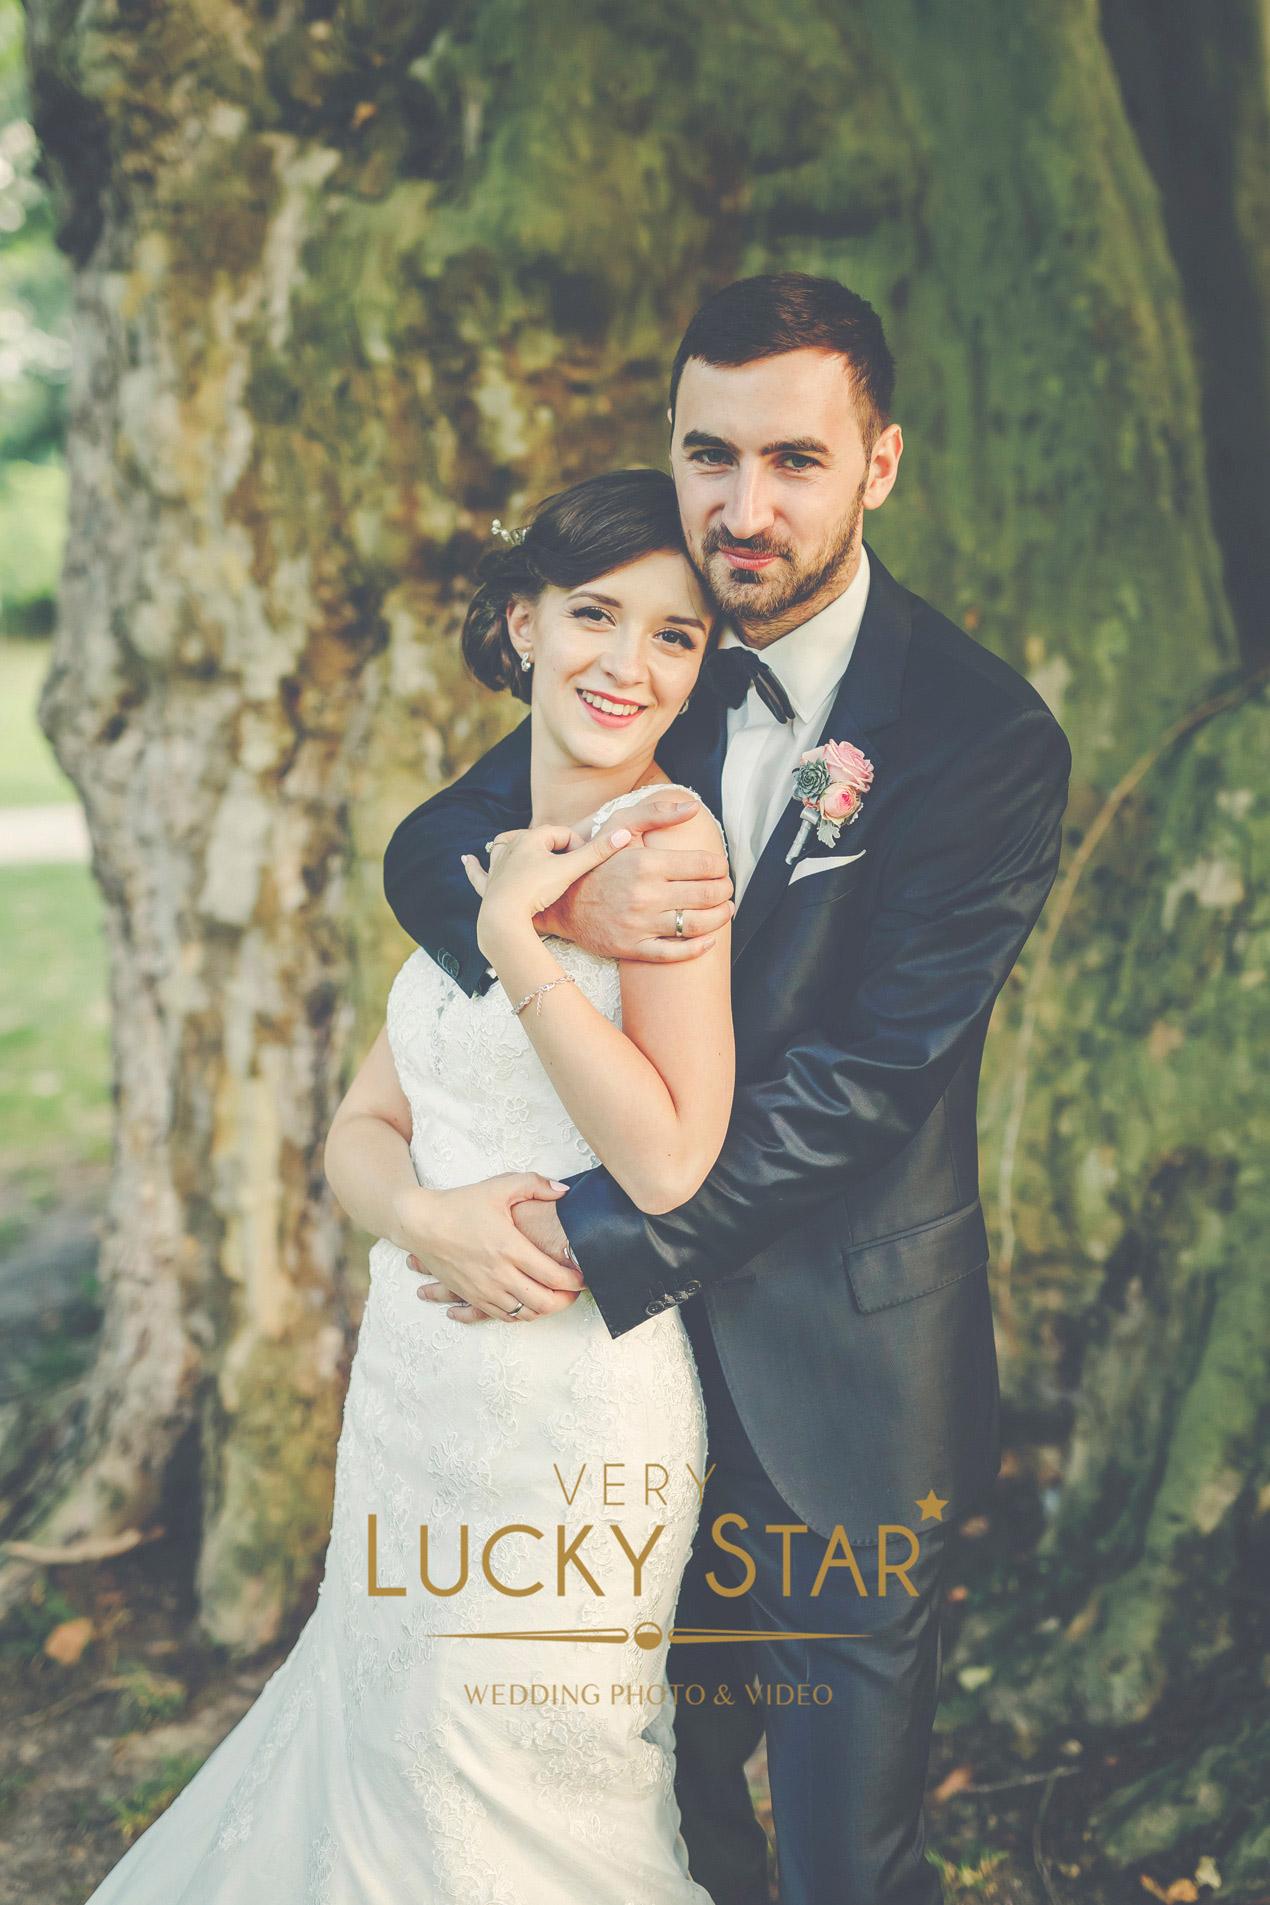 VeryLuckyStar_Palac_Konary_fotograf_slub_wesele